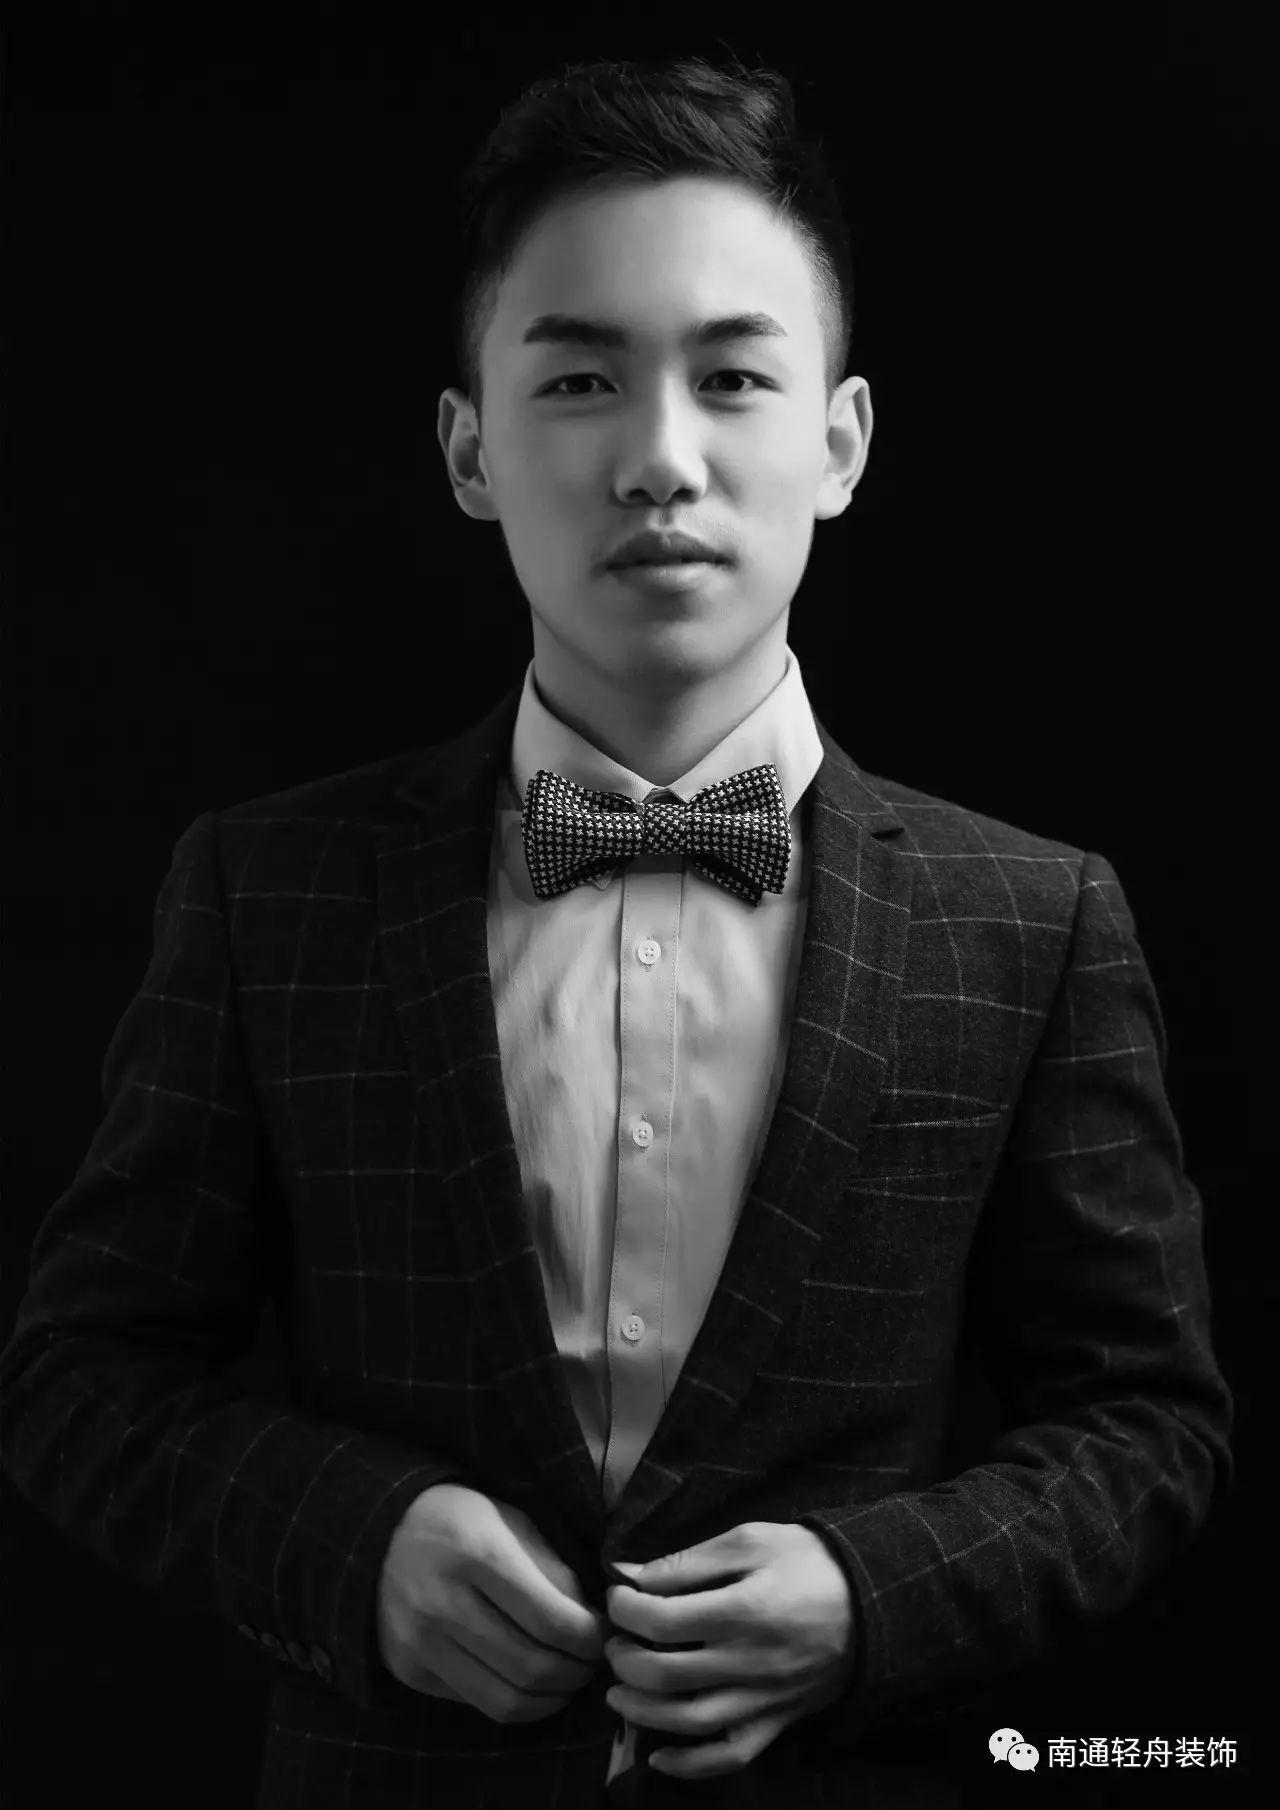 【南通通告】2017南通轻舟——设计一组